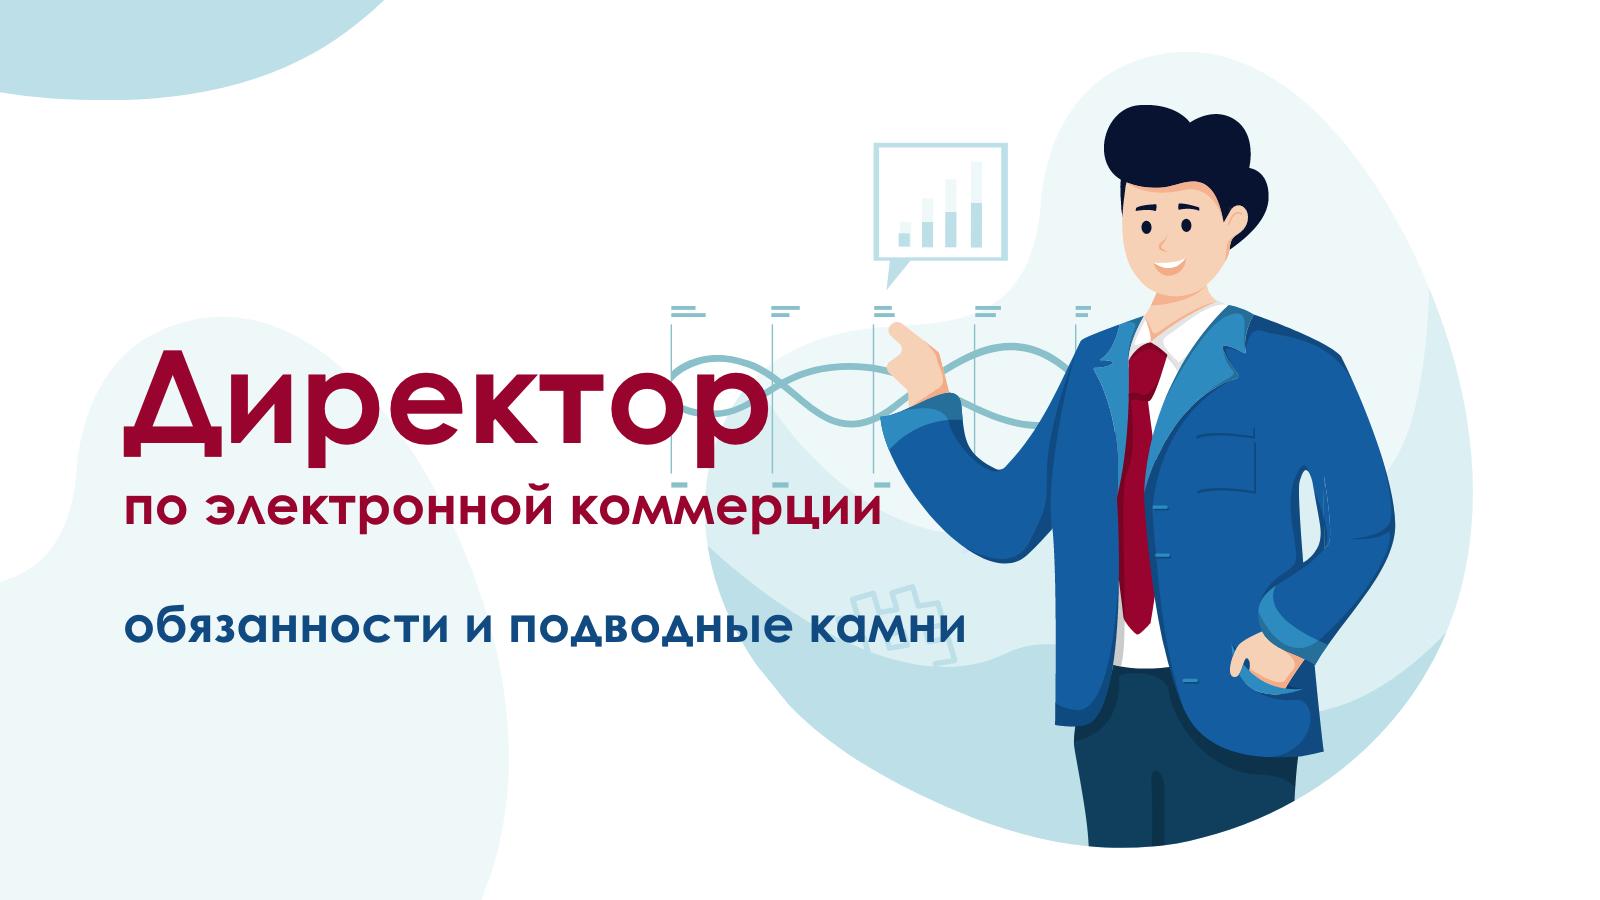 Должность директора по электронной коммерции: обязанности и подводные камни